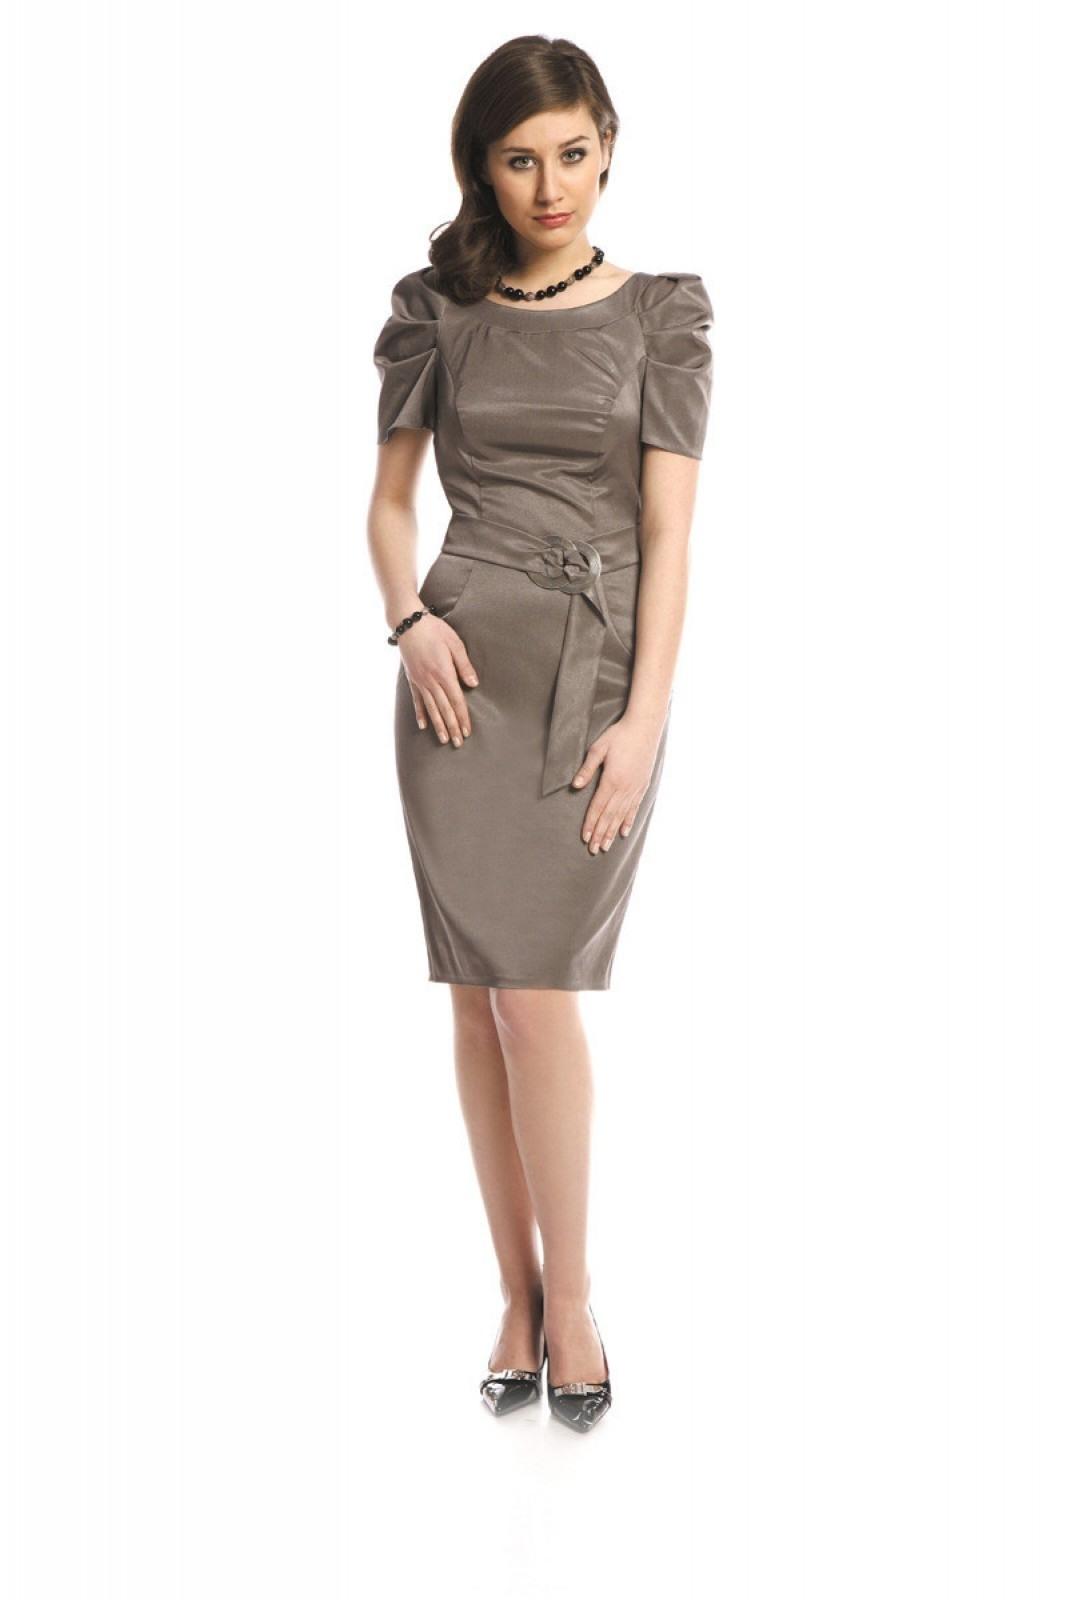 Luxus Elegantes Kleid Mit Ärmel Bester PreisDesigner Großartig Elegantes Kleid Mit Ärmel Boutique